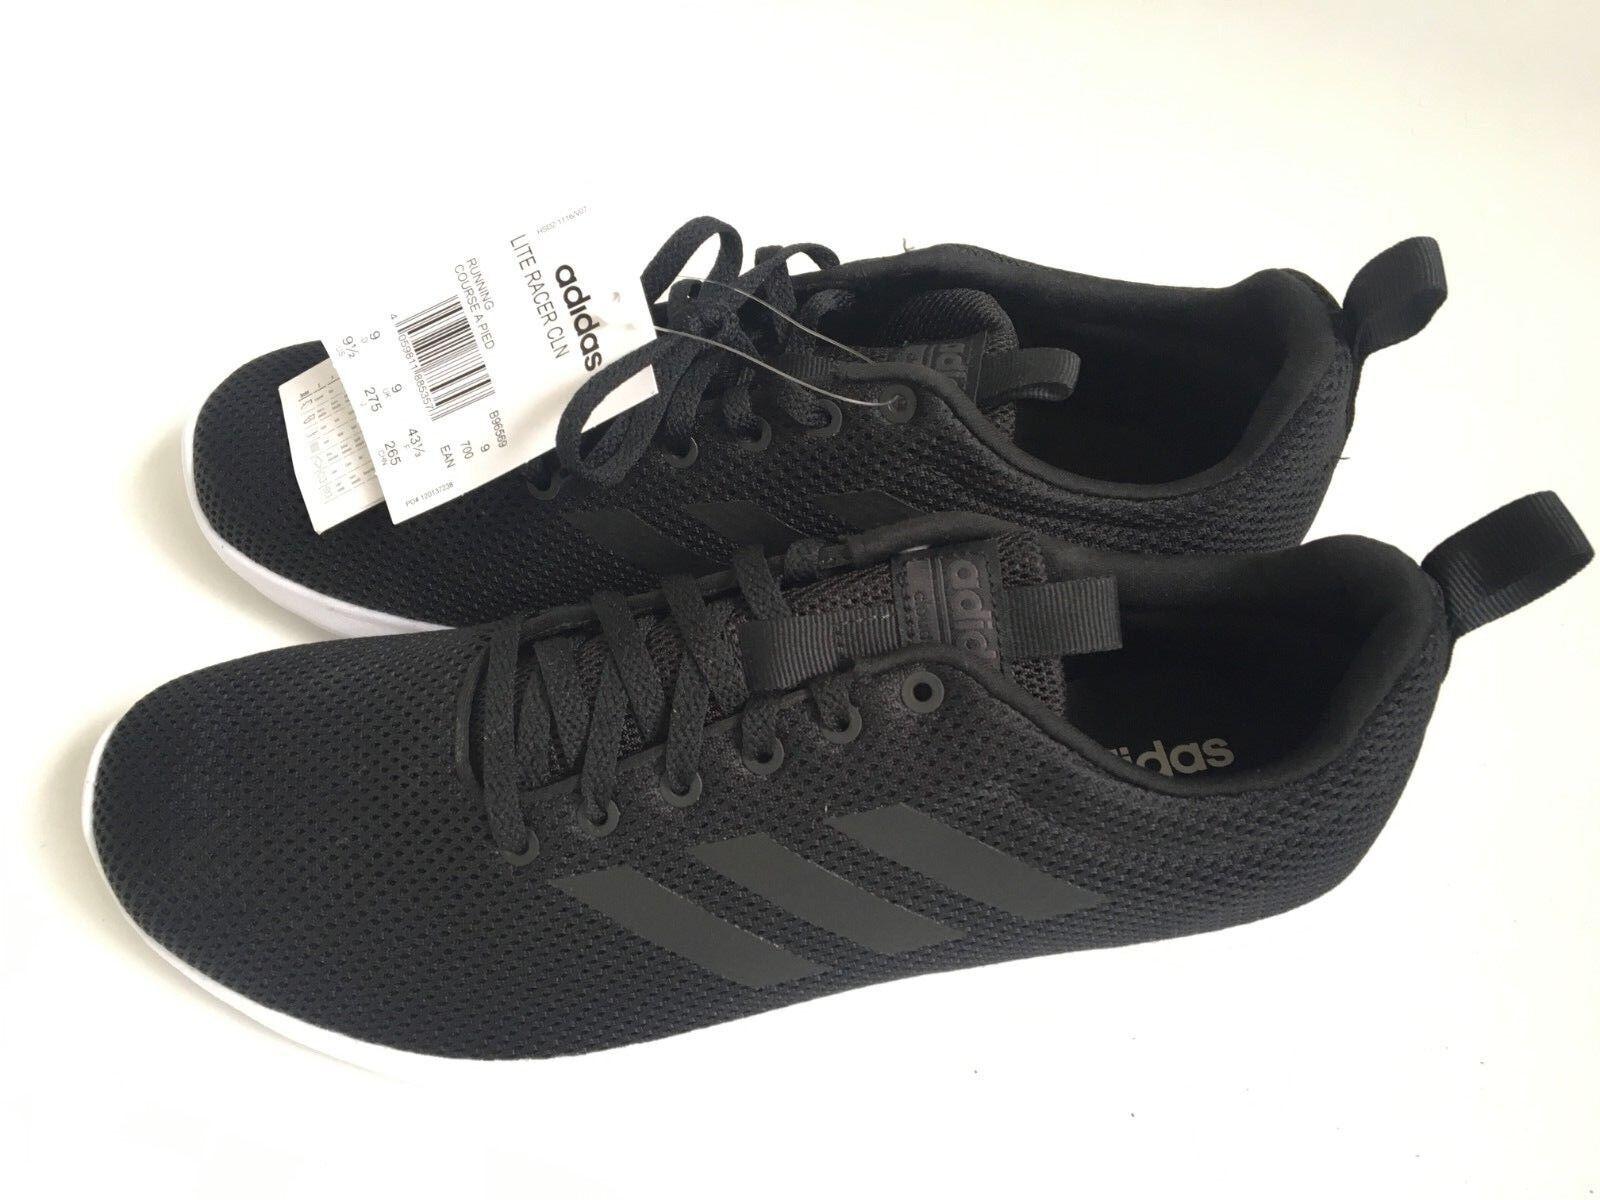 Adidas Lite Racer Bono con vinculación crojoiticia entrenadores-Talla 9-Negro-Cloudfoam-B96569